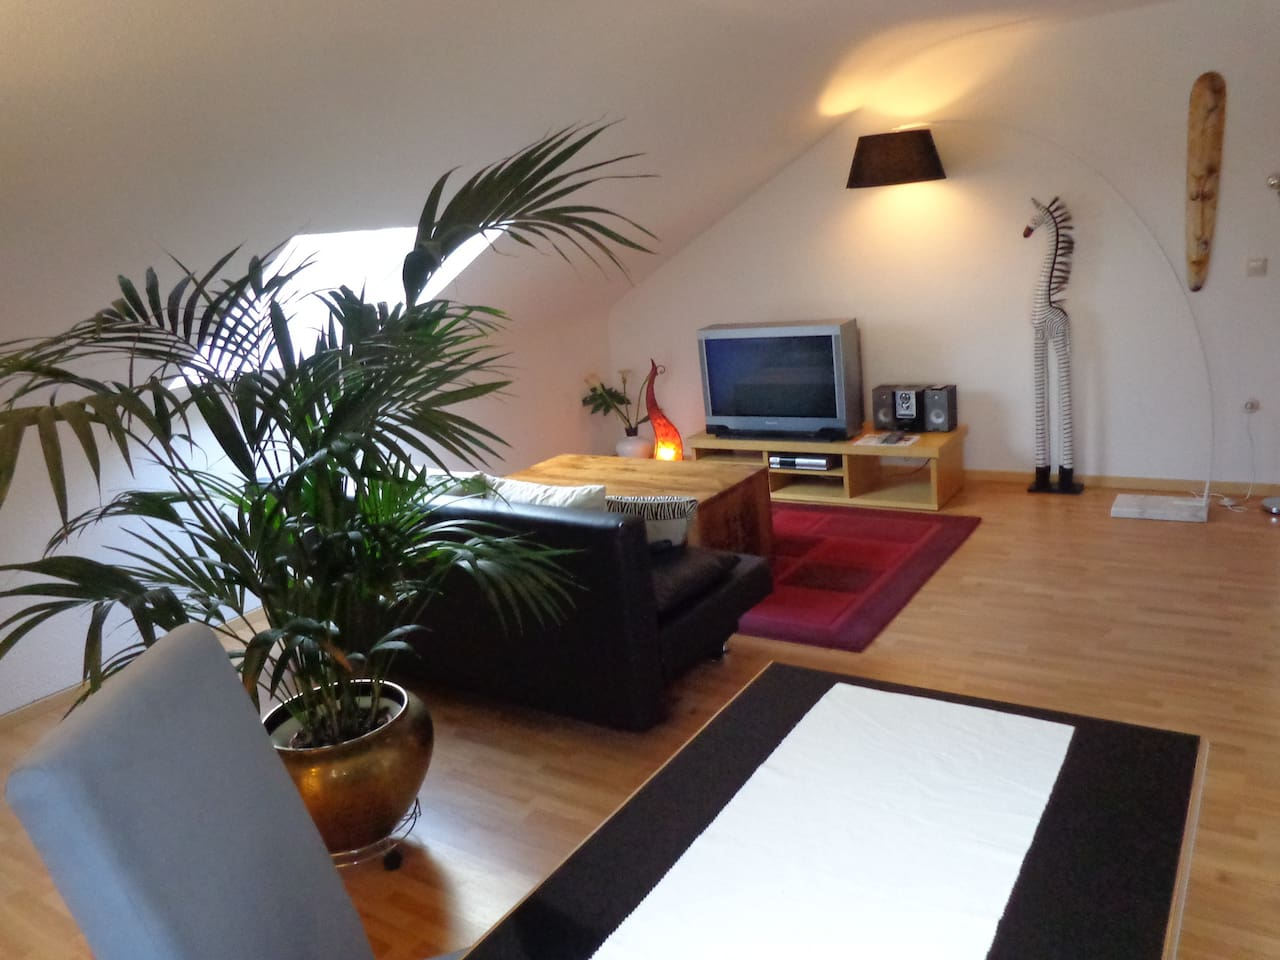 Großes, gemütliches Wohnzimmer mit Essecke